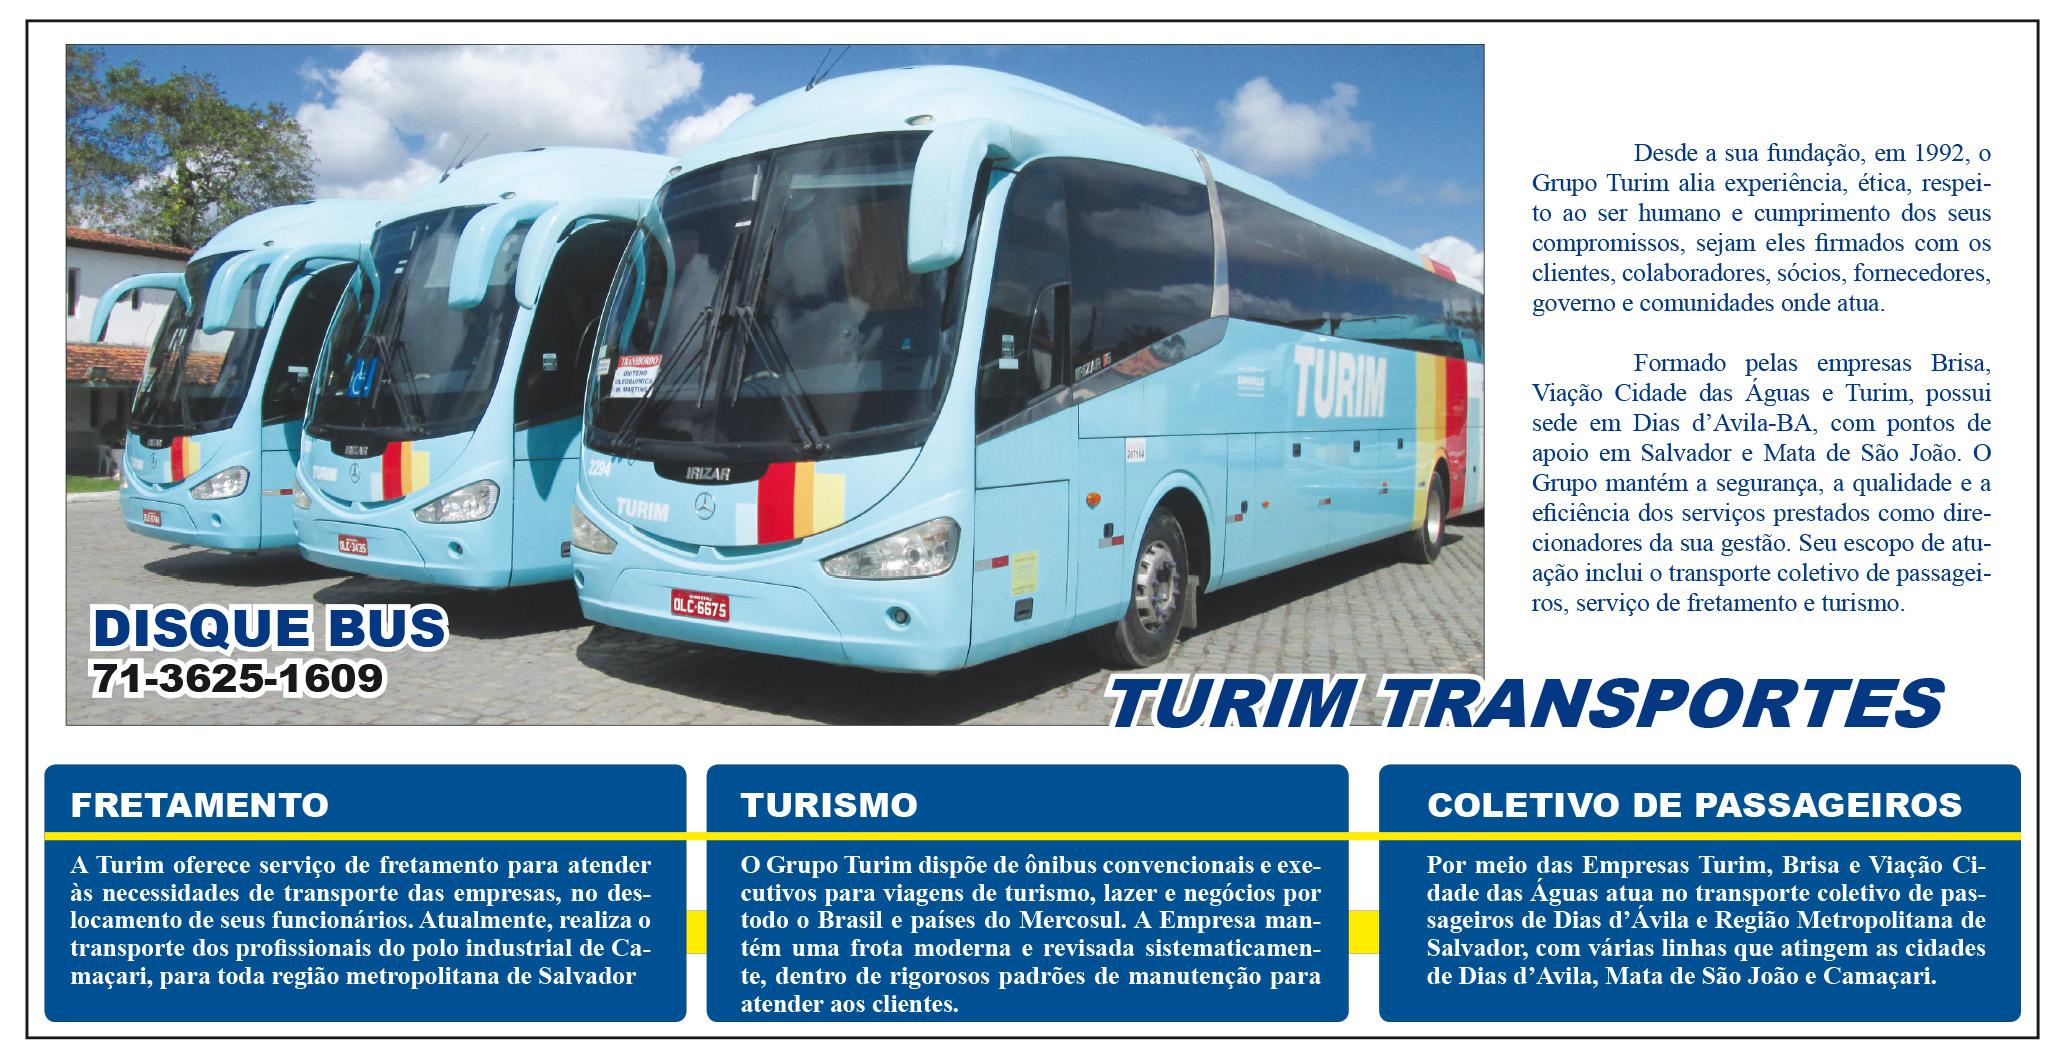 Turim Transportes